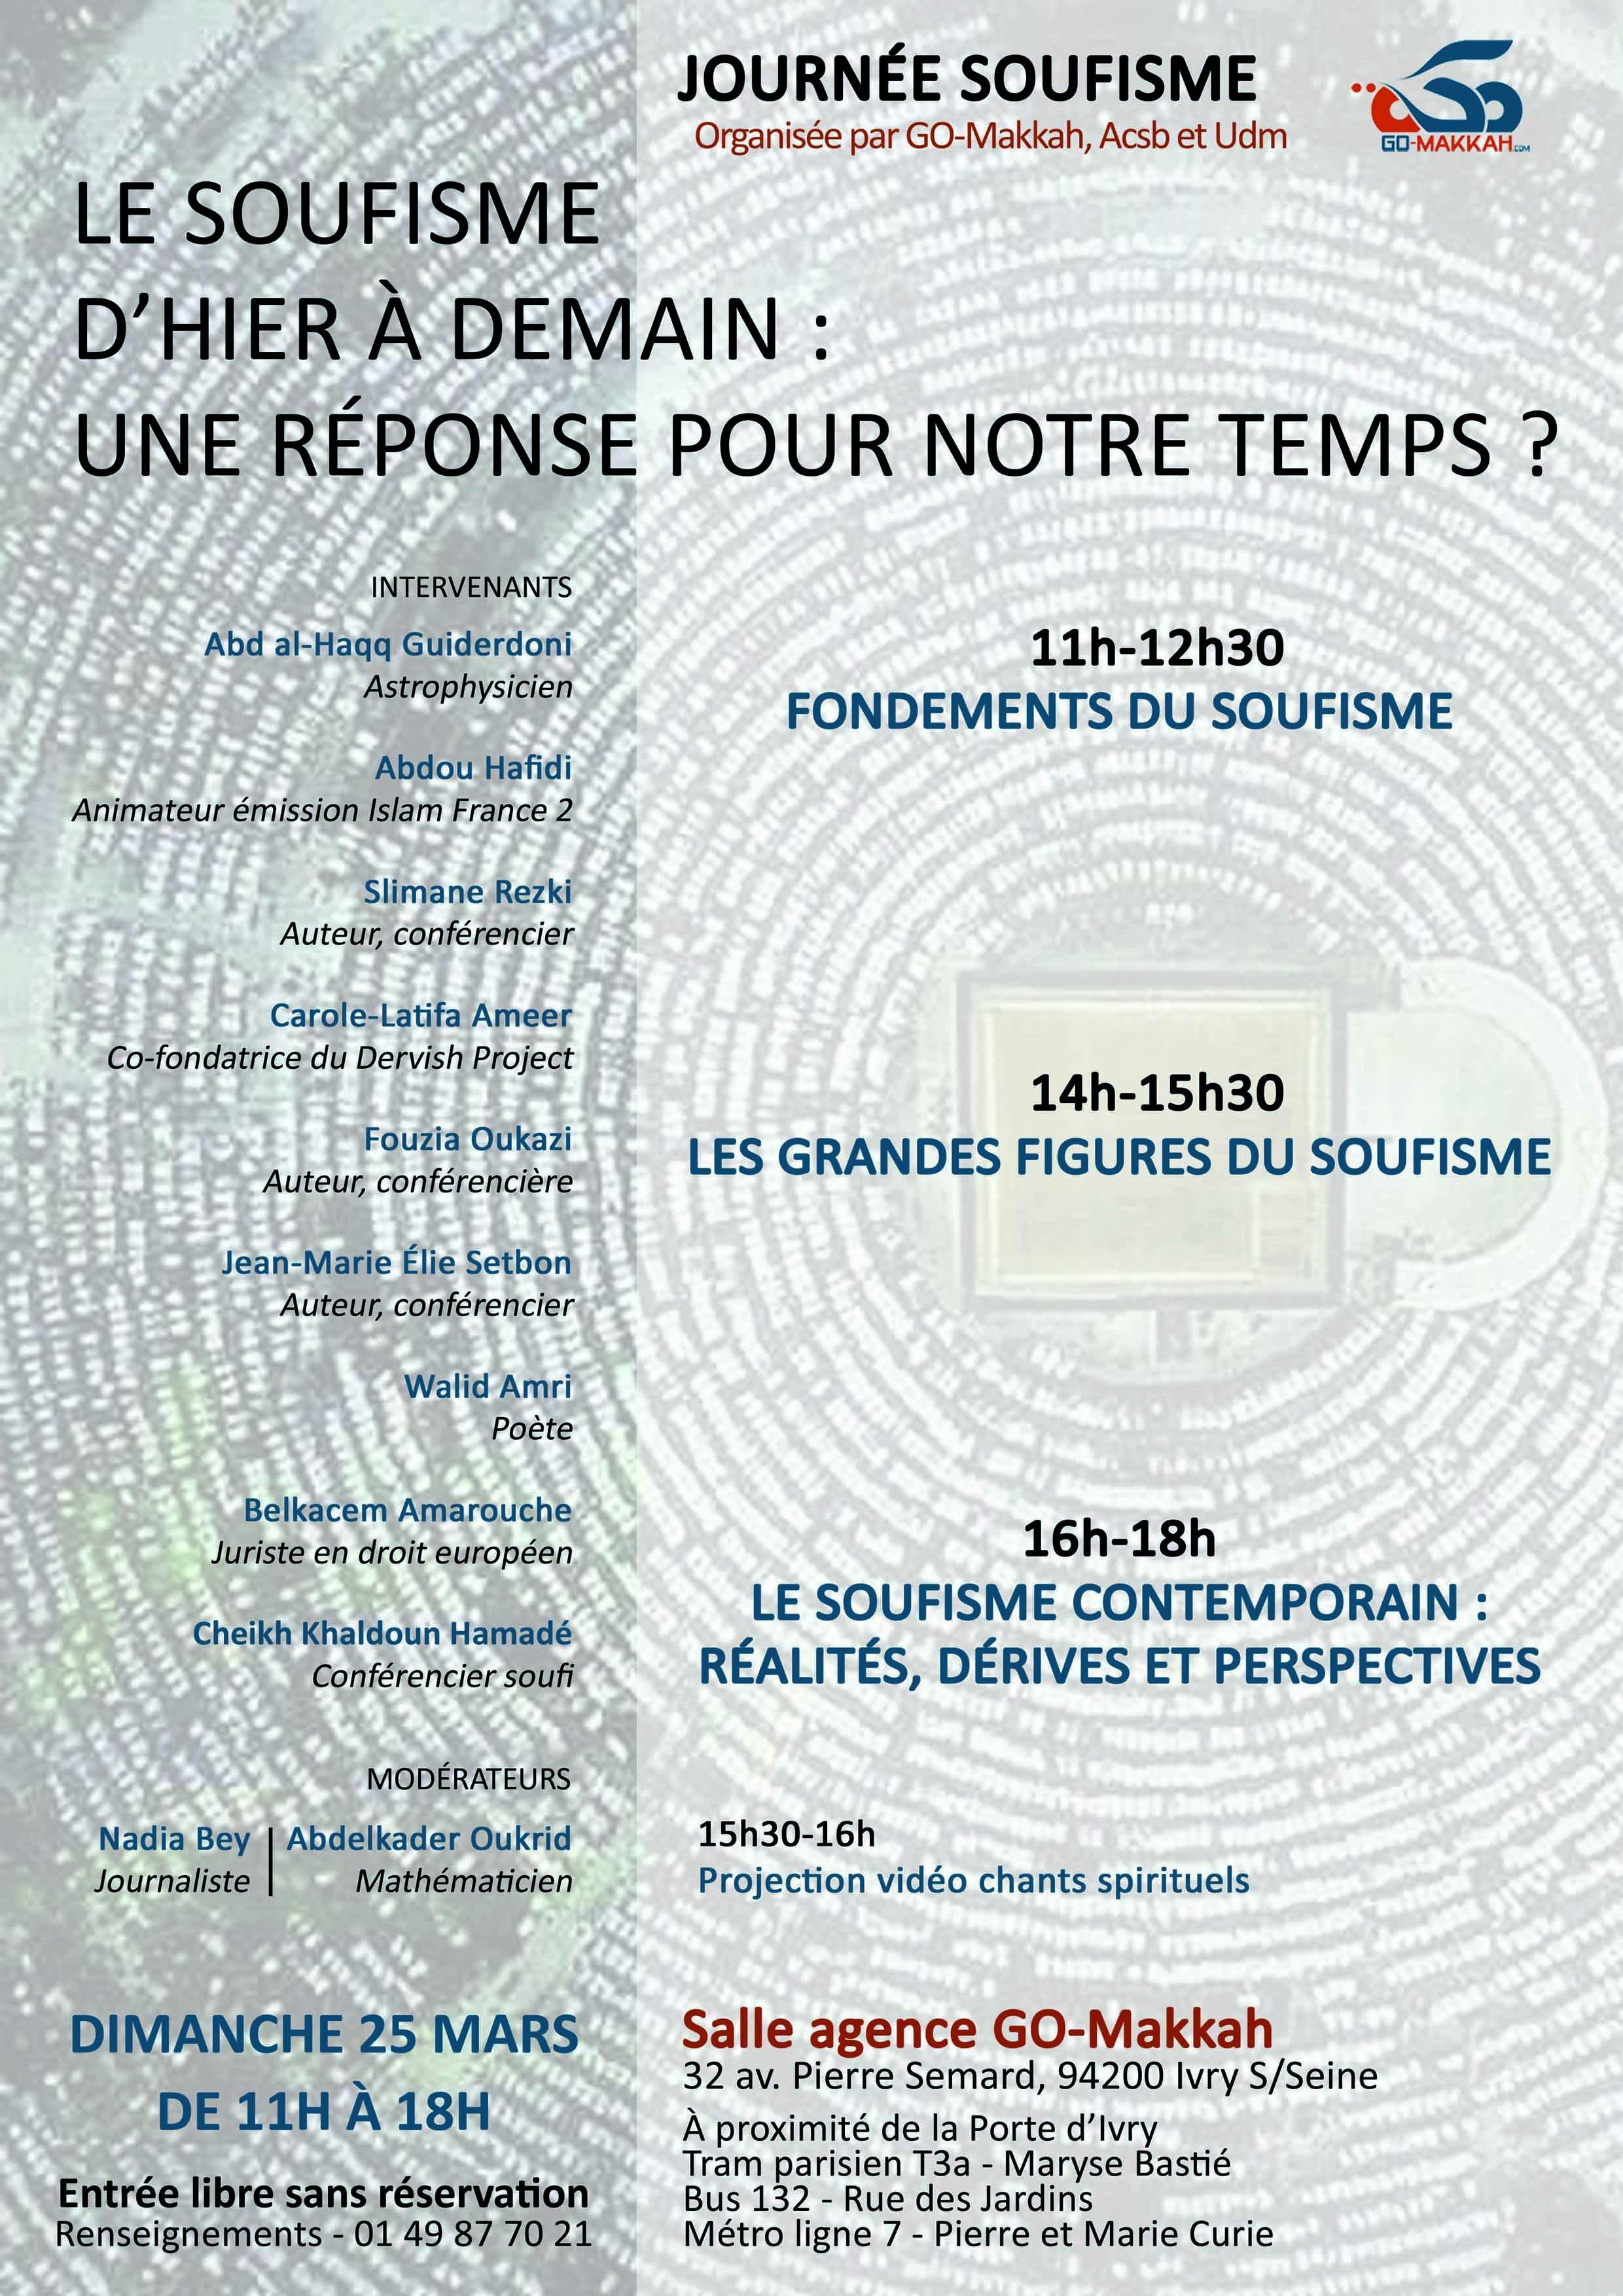 https://www.saphirnews.com/agenda/Journee-Decouverte-du-soufisme_ae574113.html